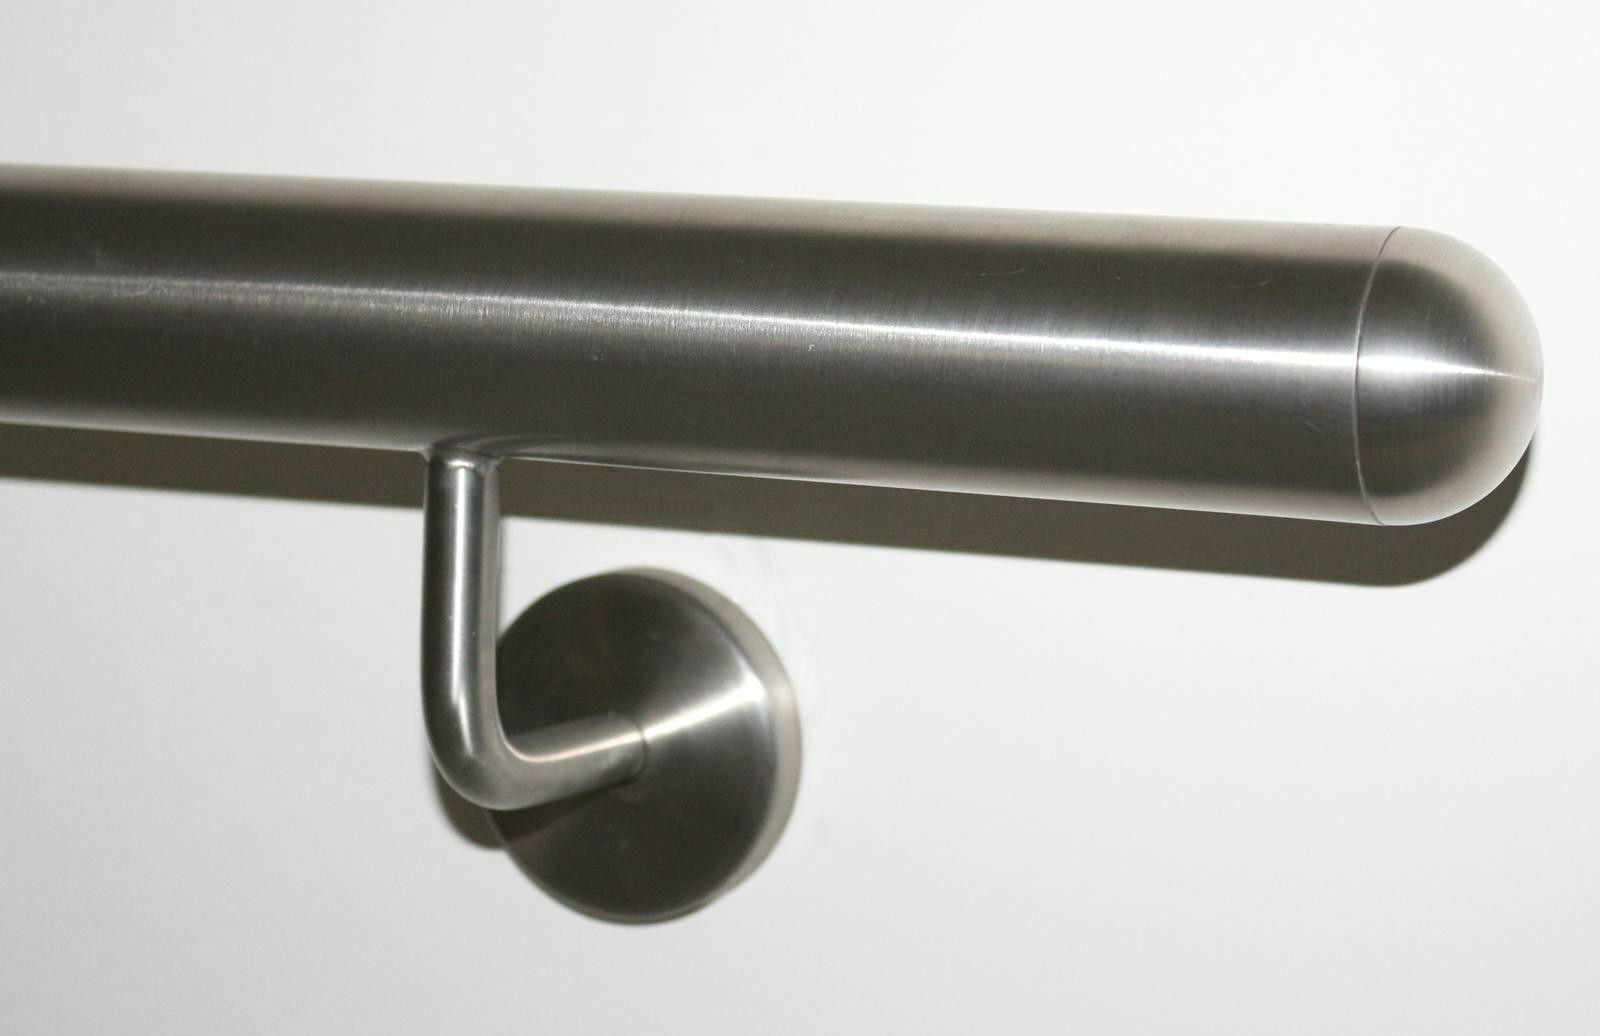 6m aus einem St/ück Variante:30 cm mit 2 Halter Enden mit halbrunde Kappe Handlauf wei/ß pulverbeschichtet V2A Edelstahl Gel/änder innen au/ßen wetterfest best/ändig 0,3m